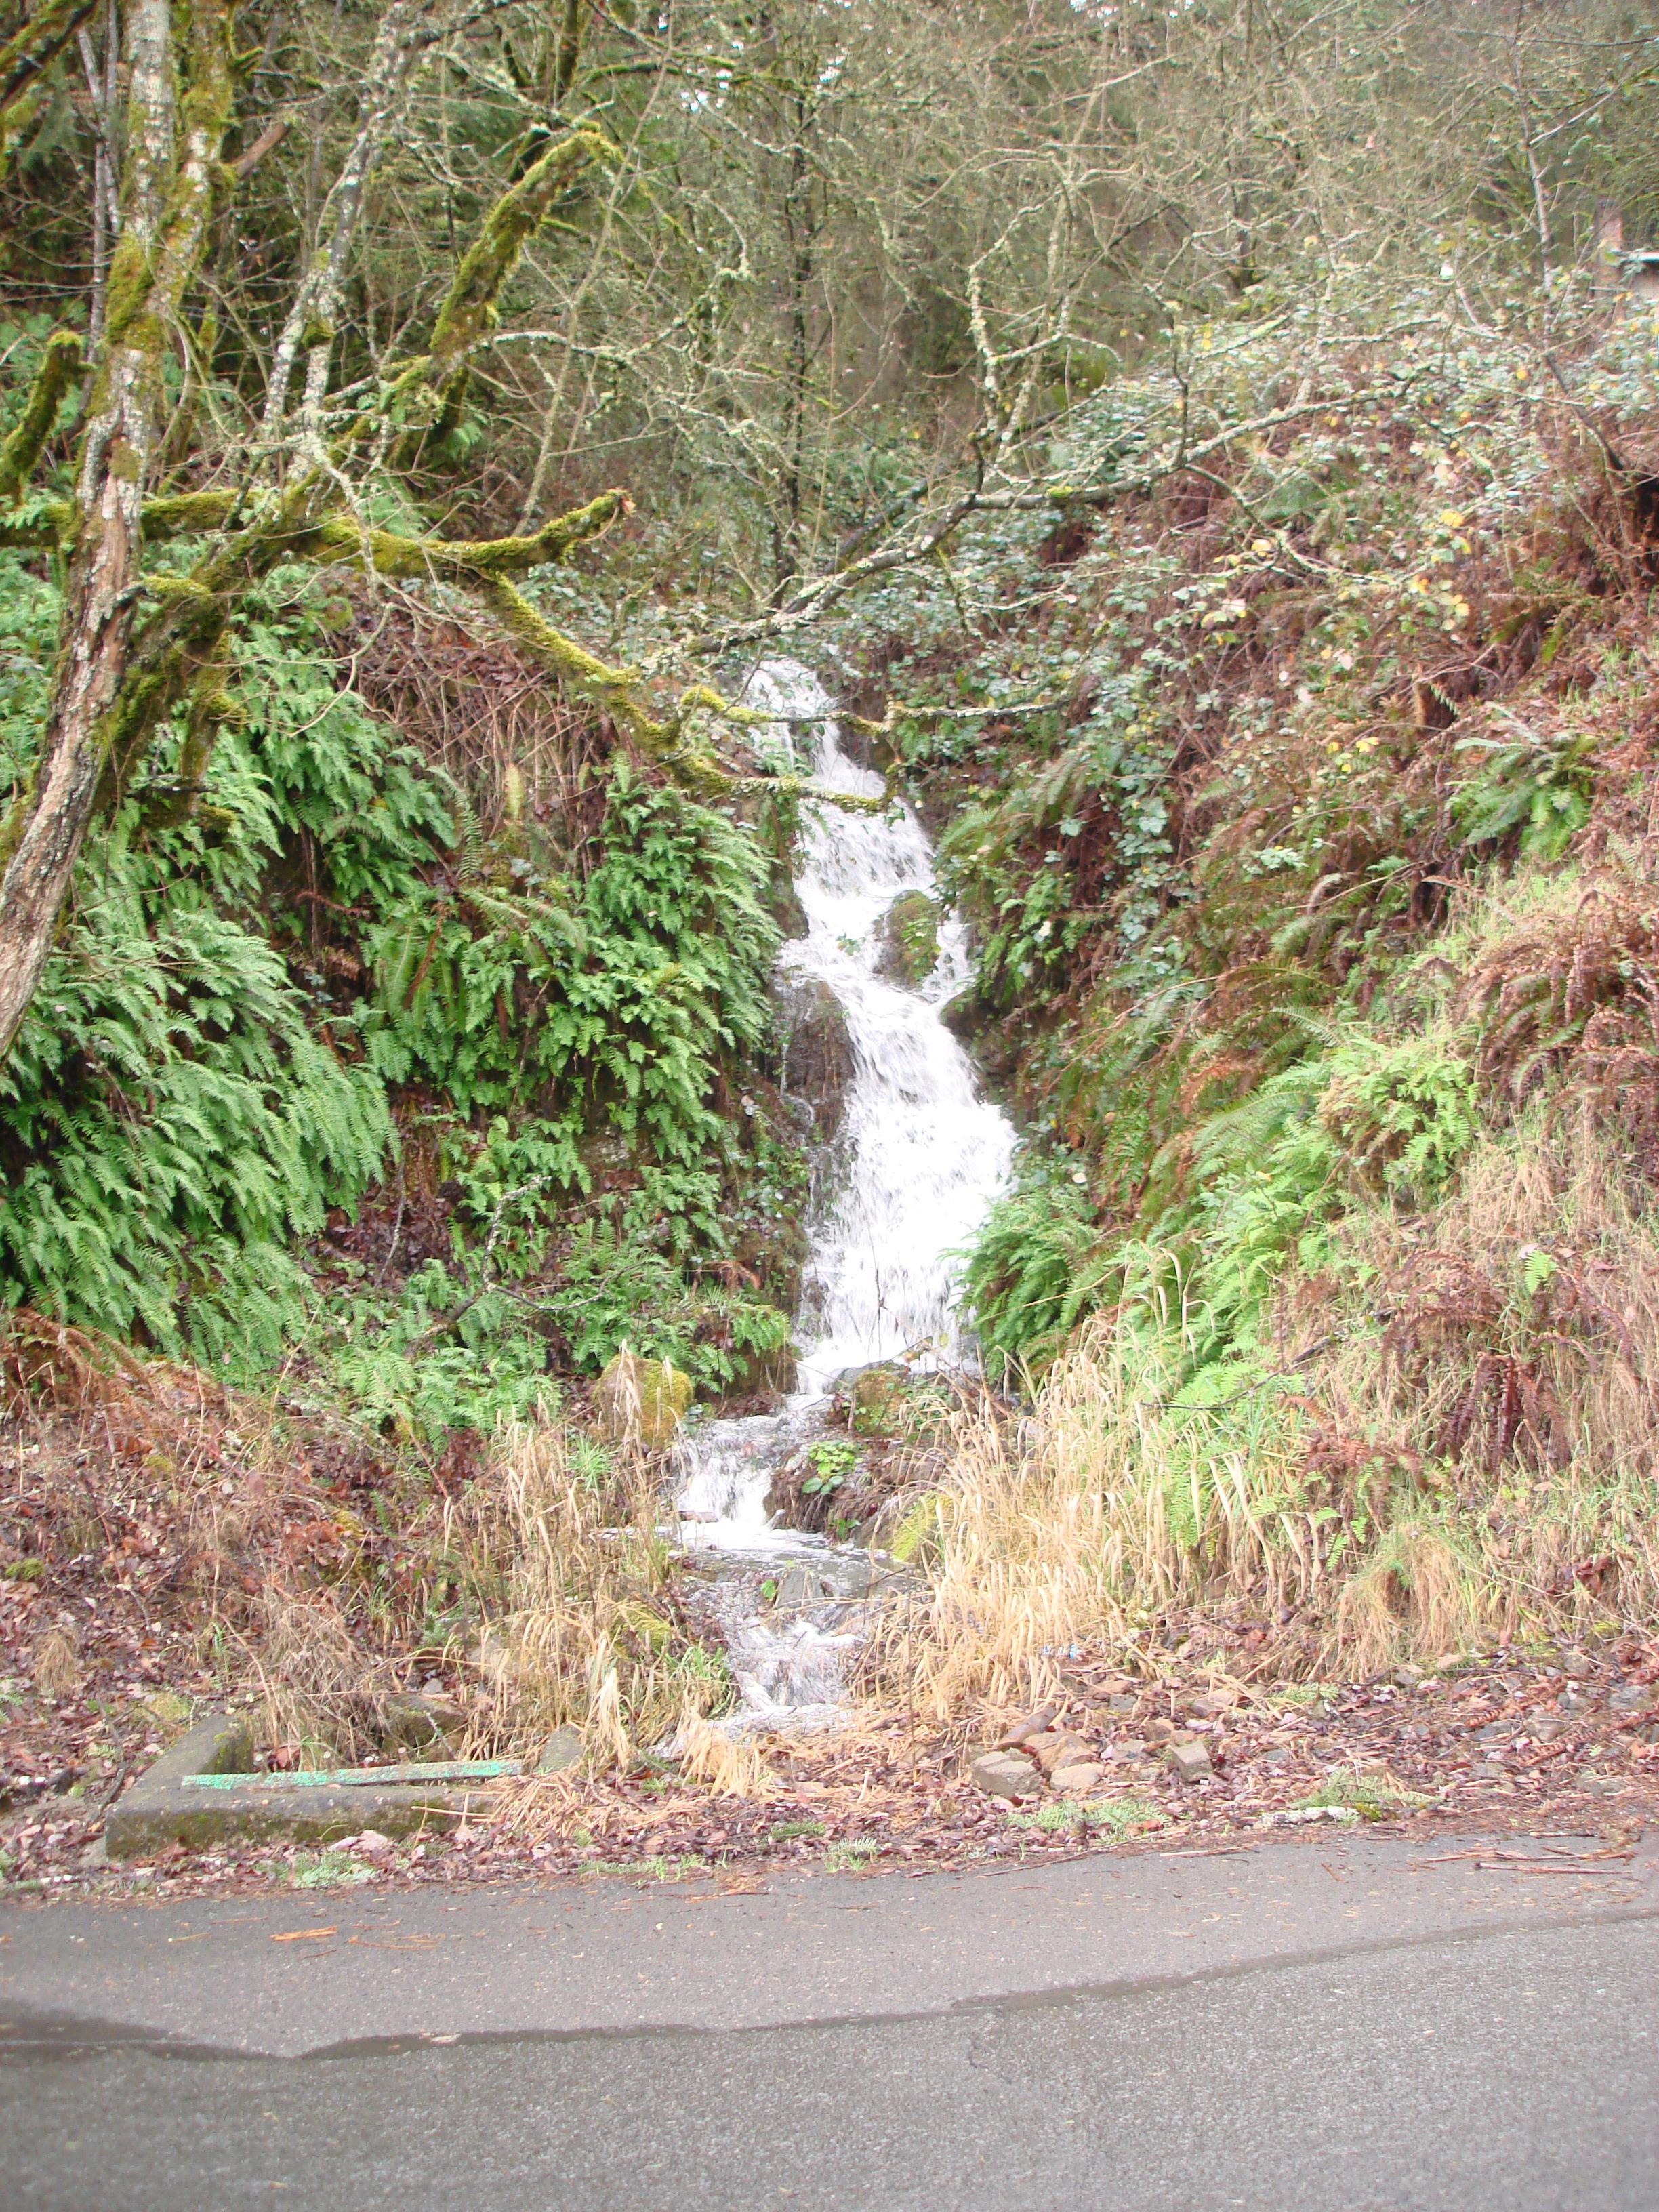 Harborton Creek